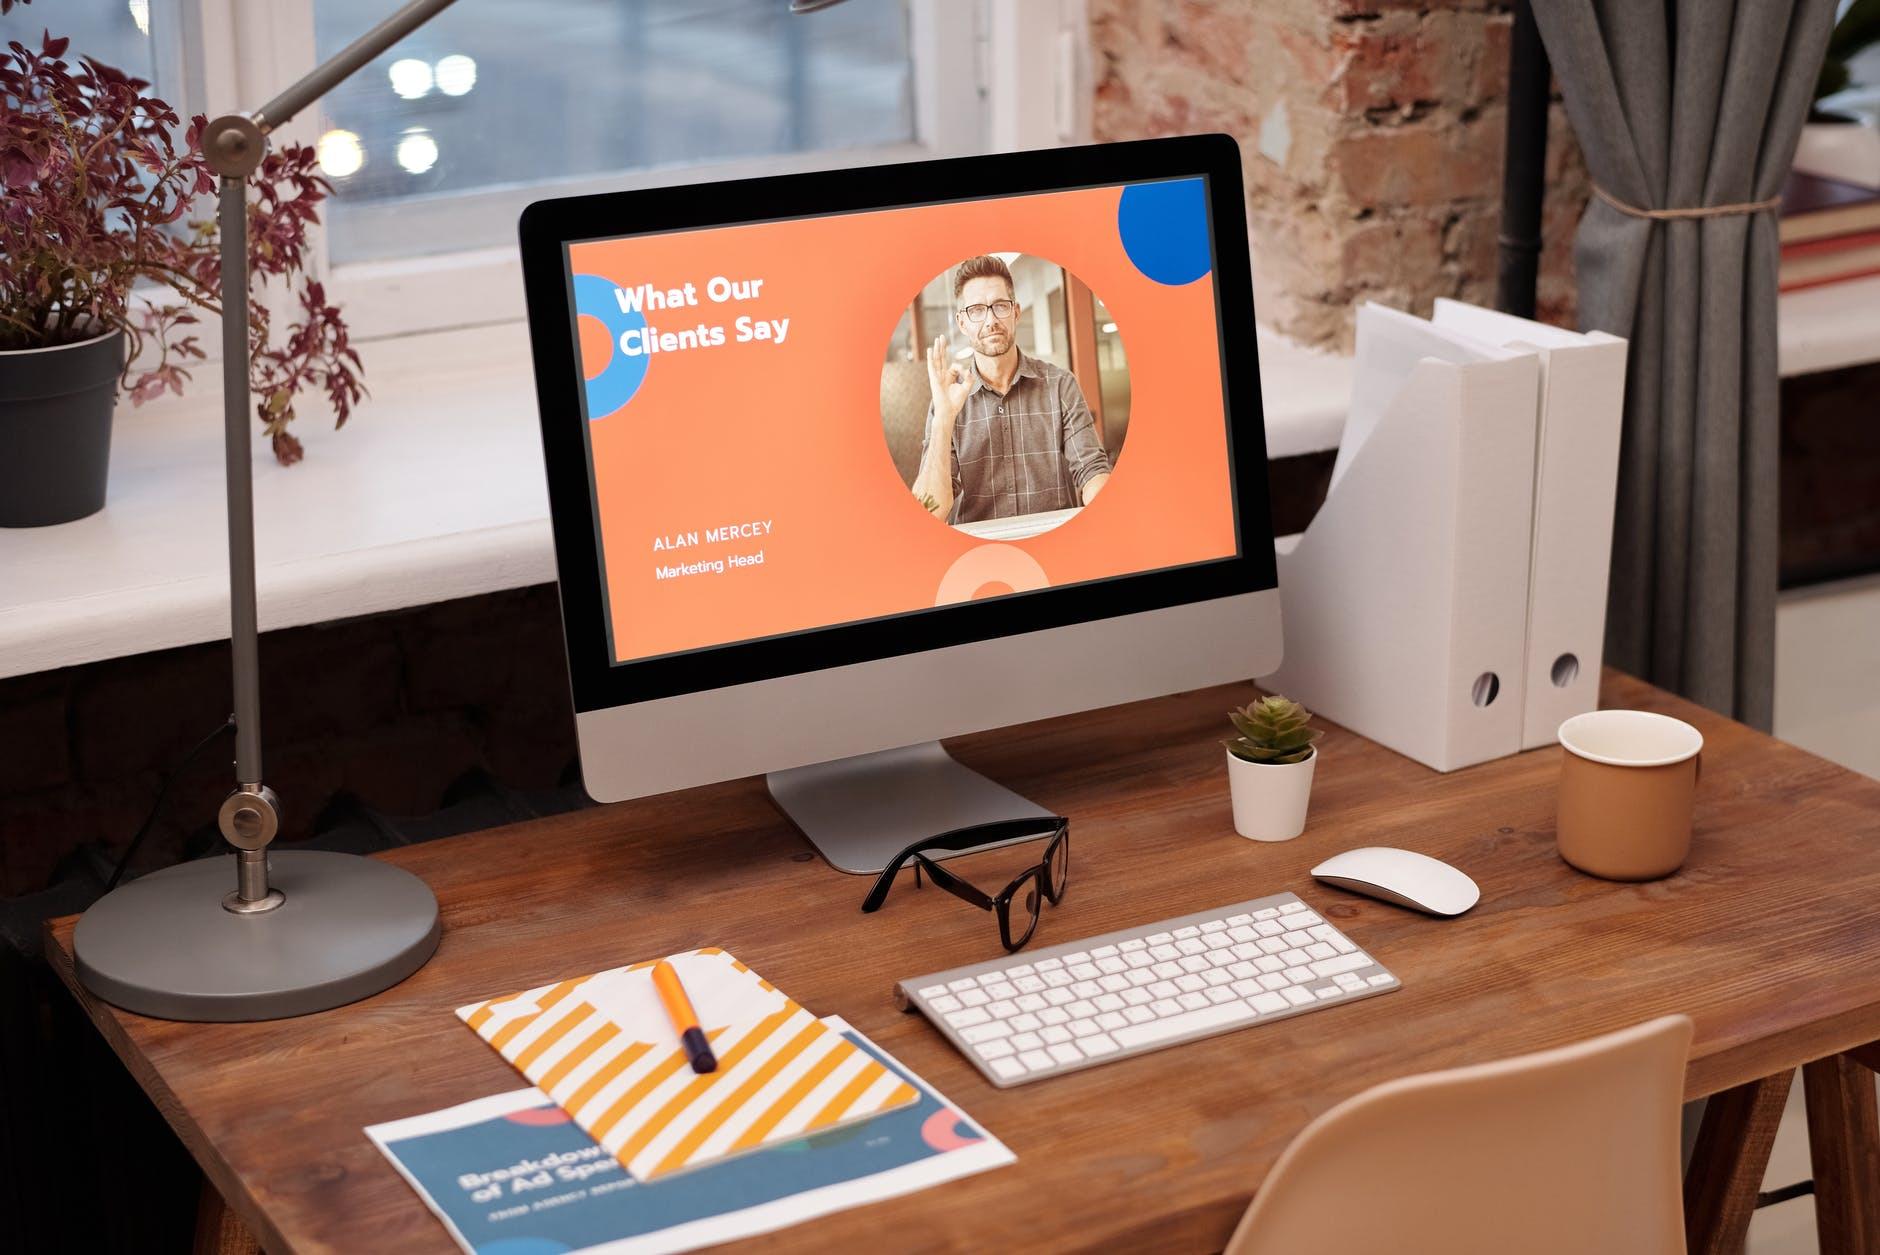 Membership Website Simple Workspace At Home